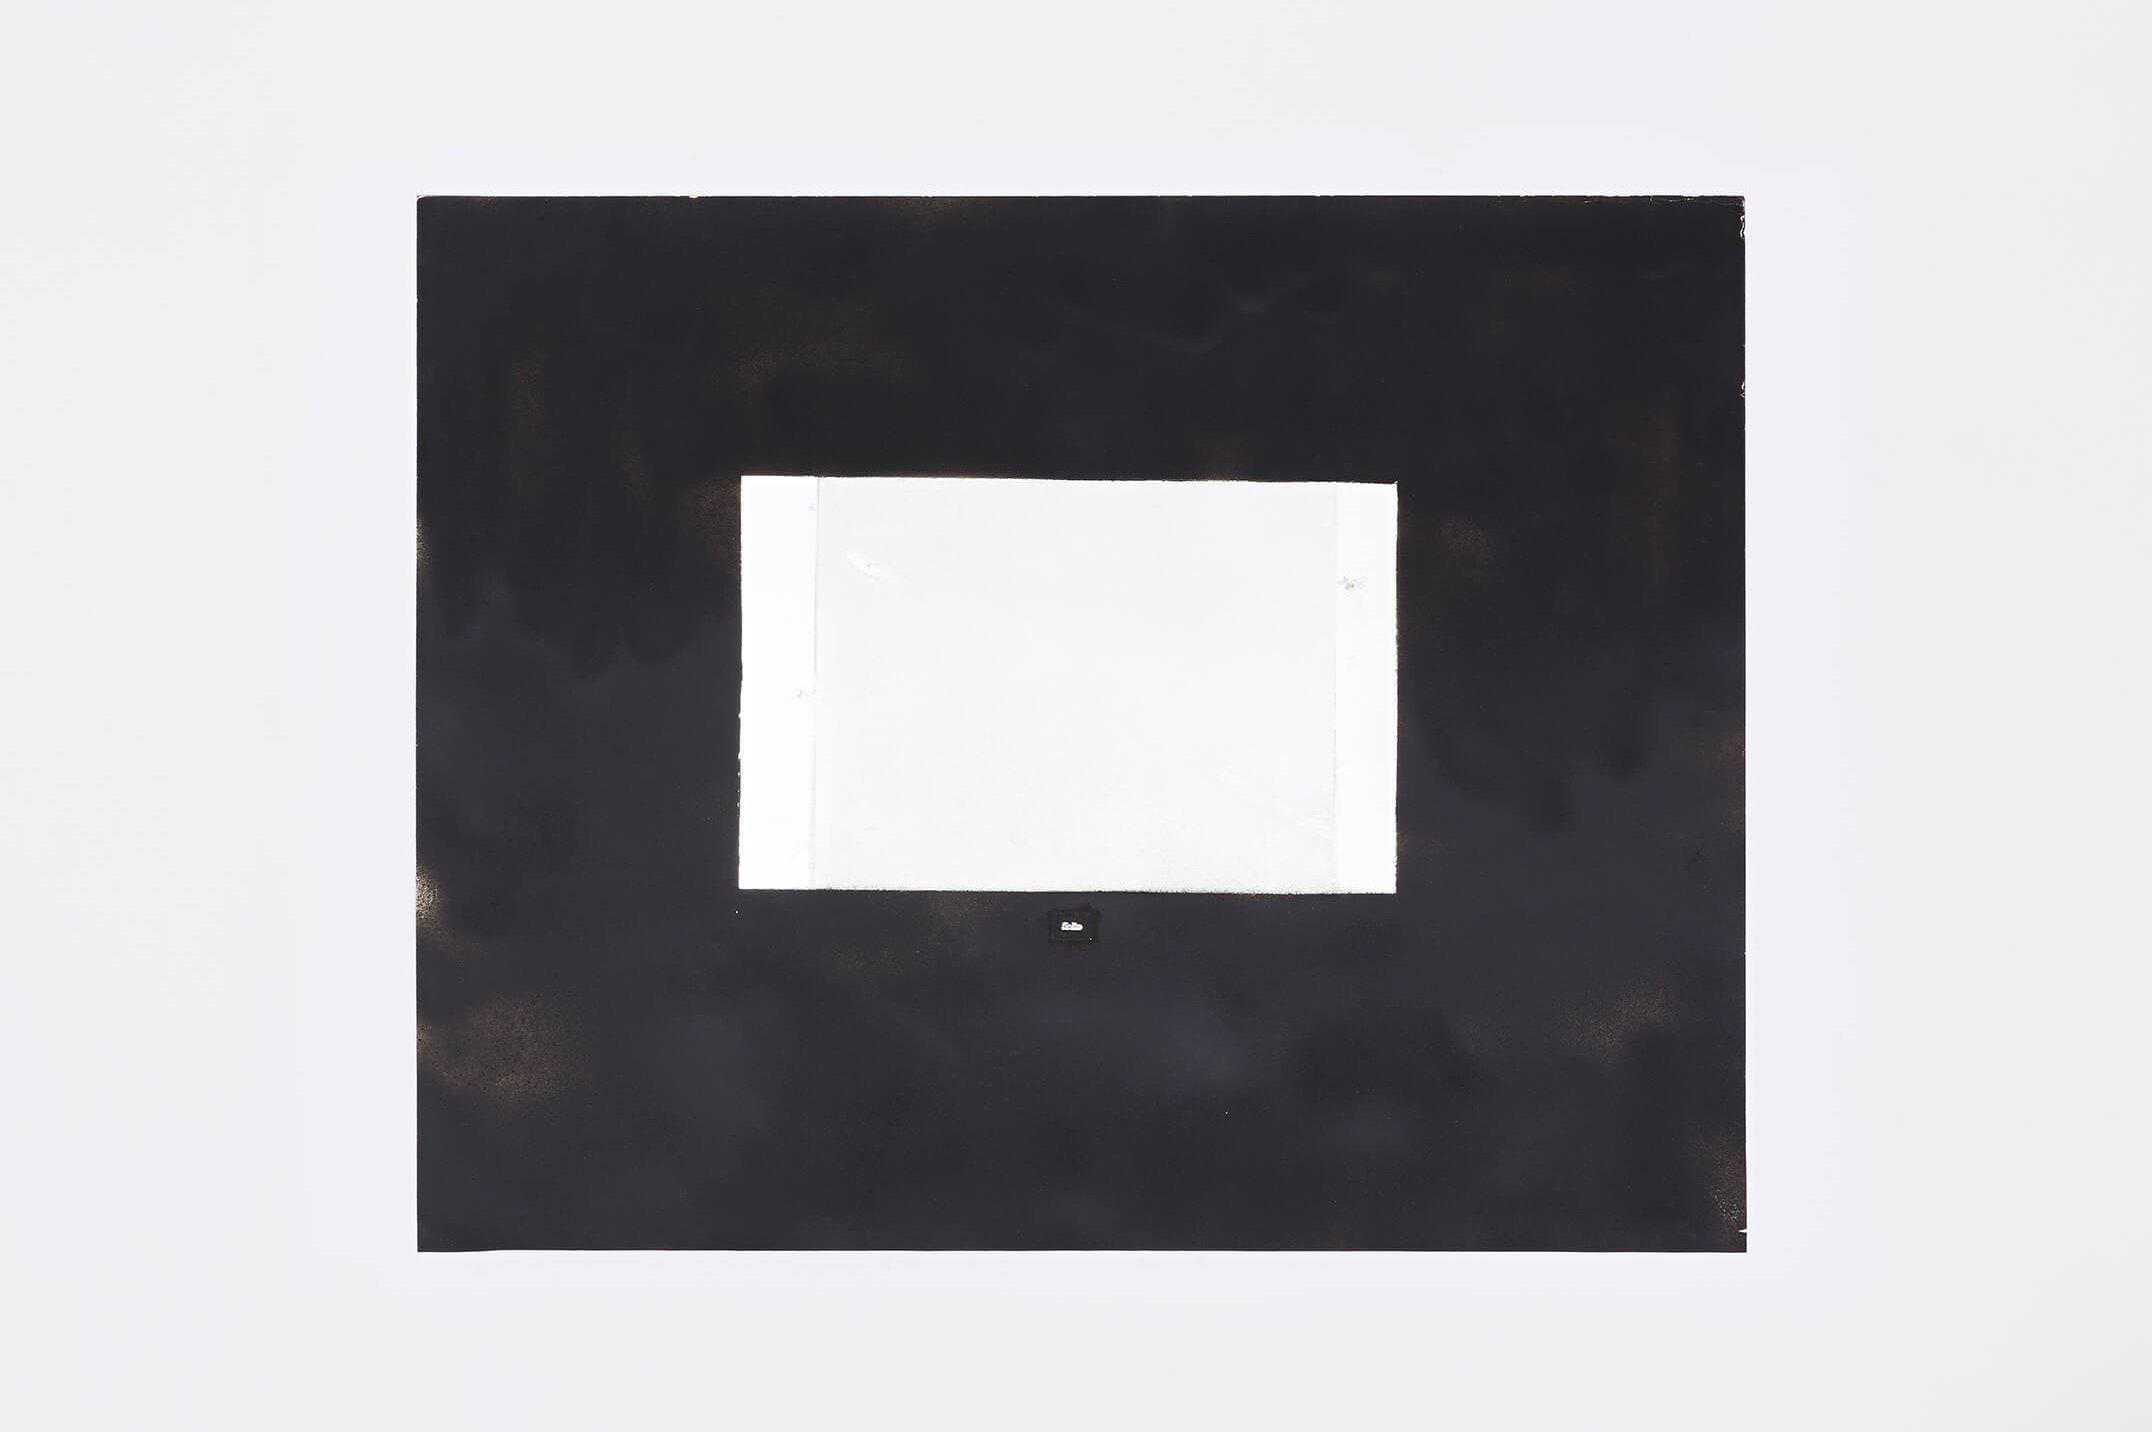 Anna Bella Geiger,<em>Finito </em>|<em> Infinito</em>, 1974,photoengraving on metal,48 × 60 cm - Mendes Wood DM